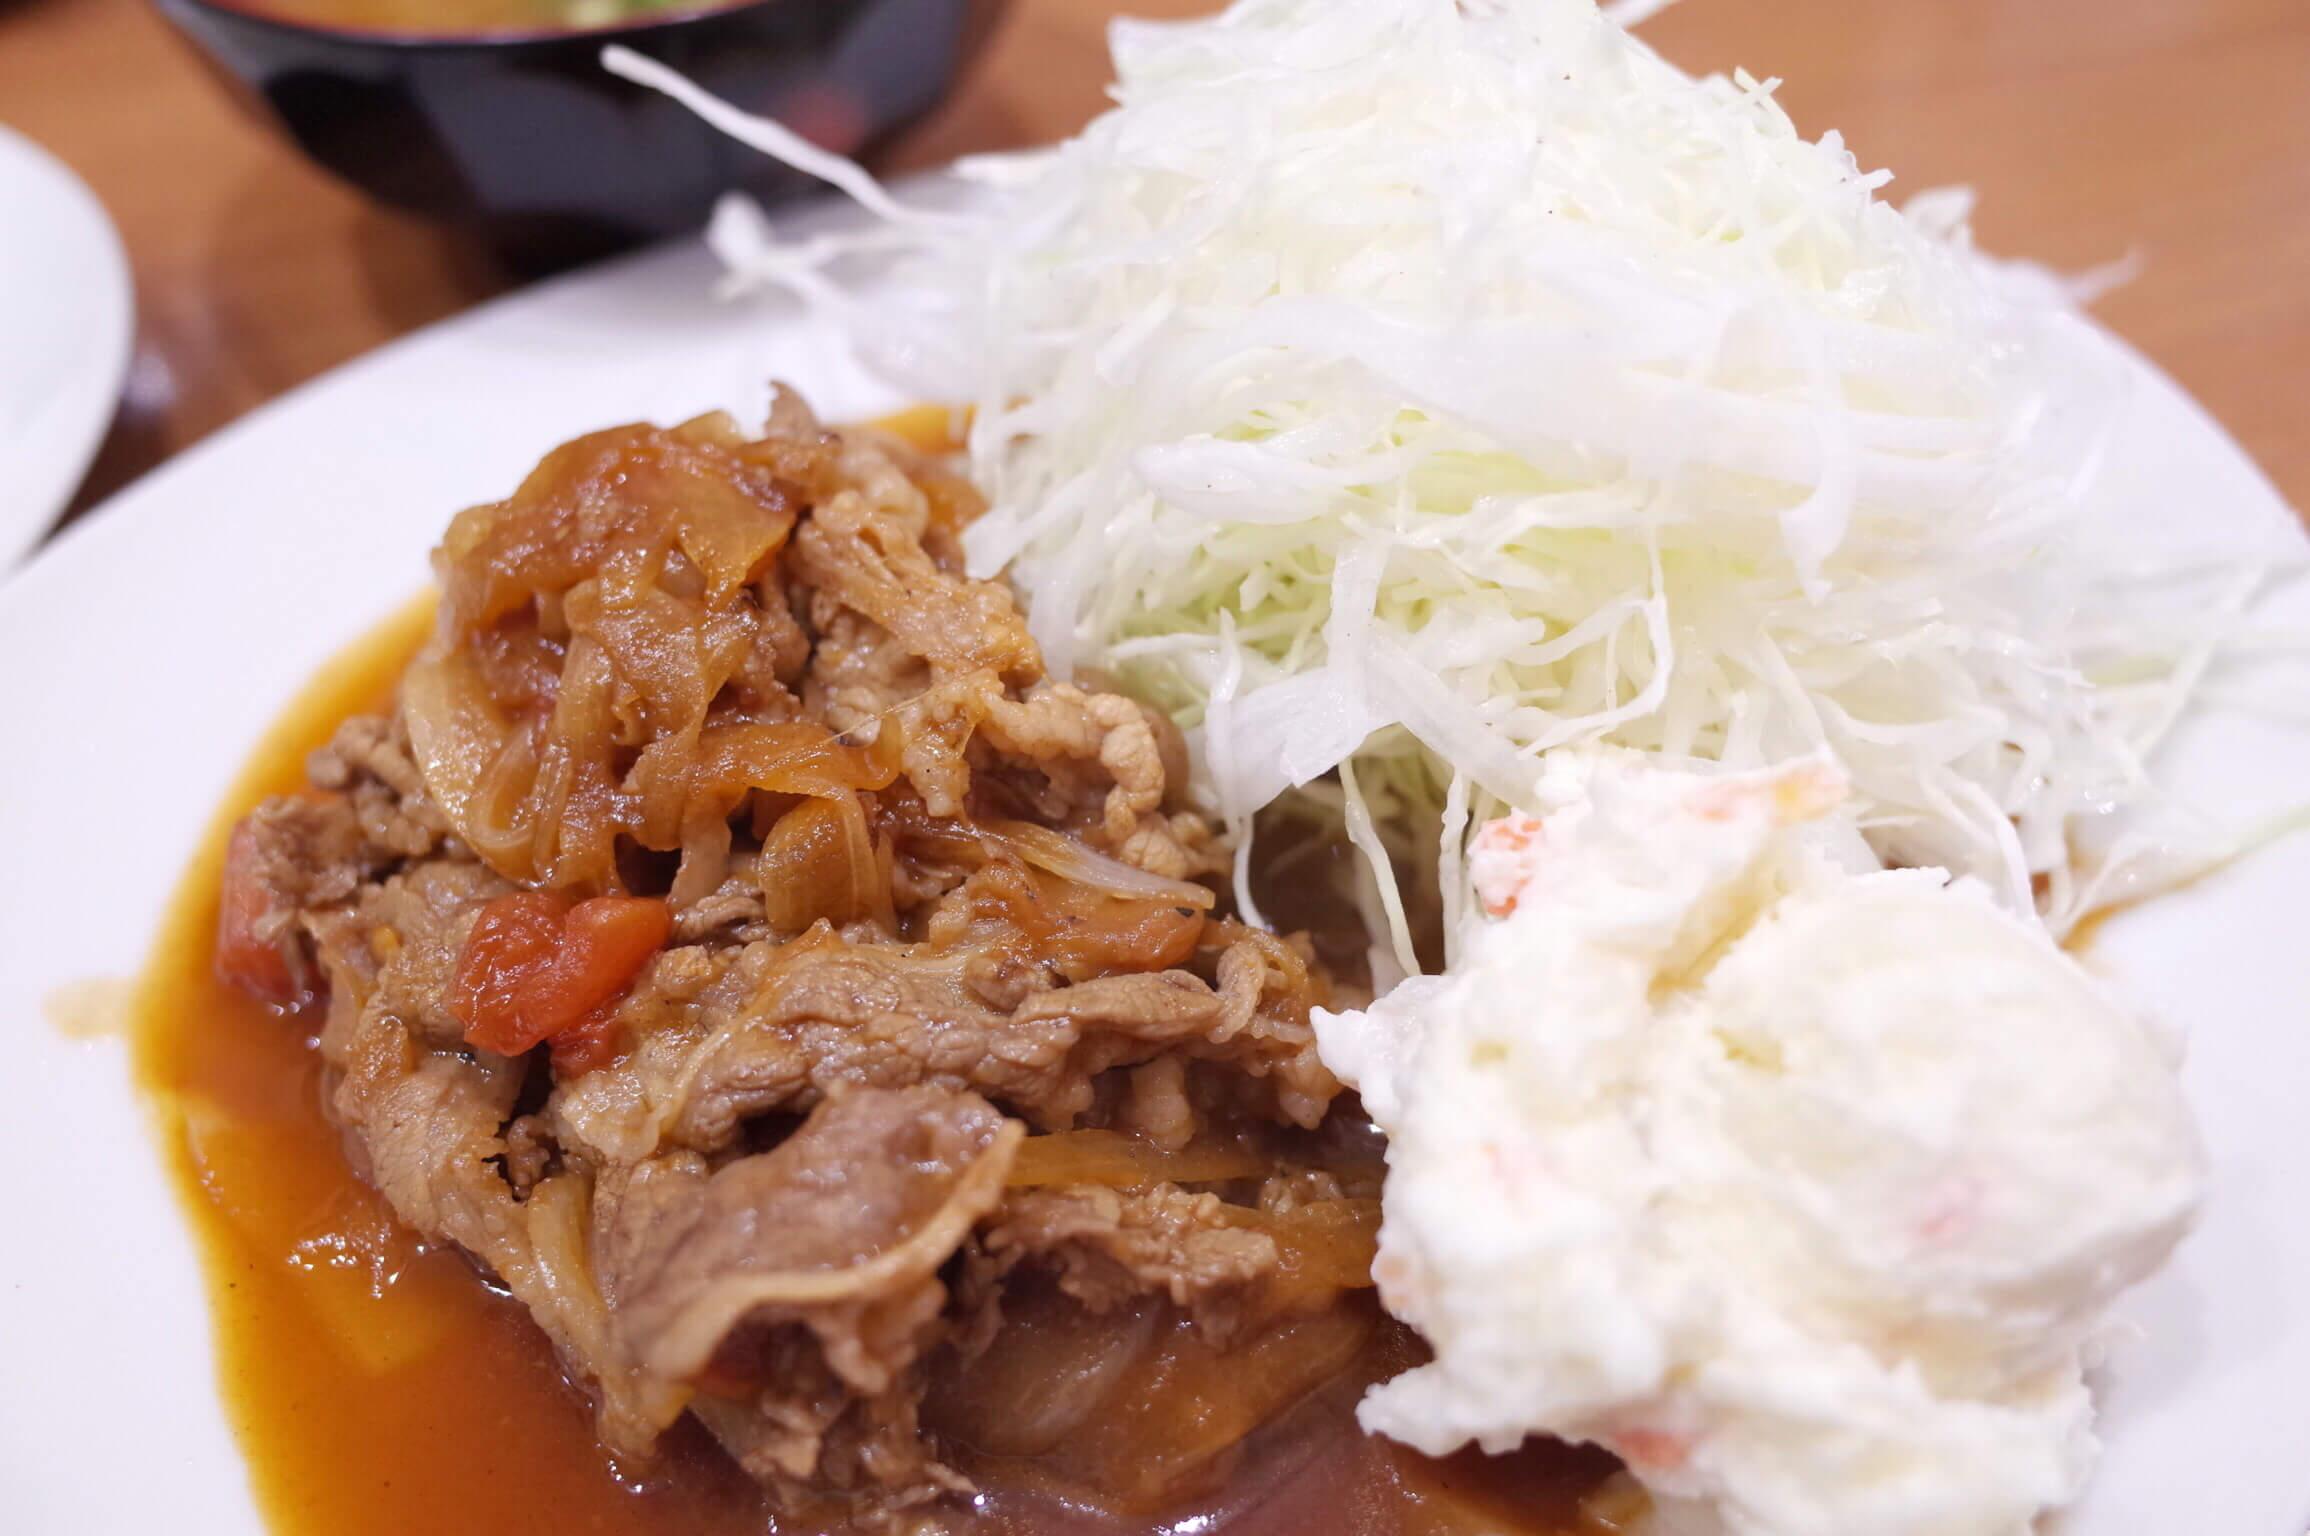 キッチンたか 〜 四谷三丁目の人気洋食店はヤバいくらいご飯がすすむ!ガッツリランチにおすすめ